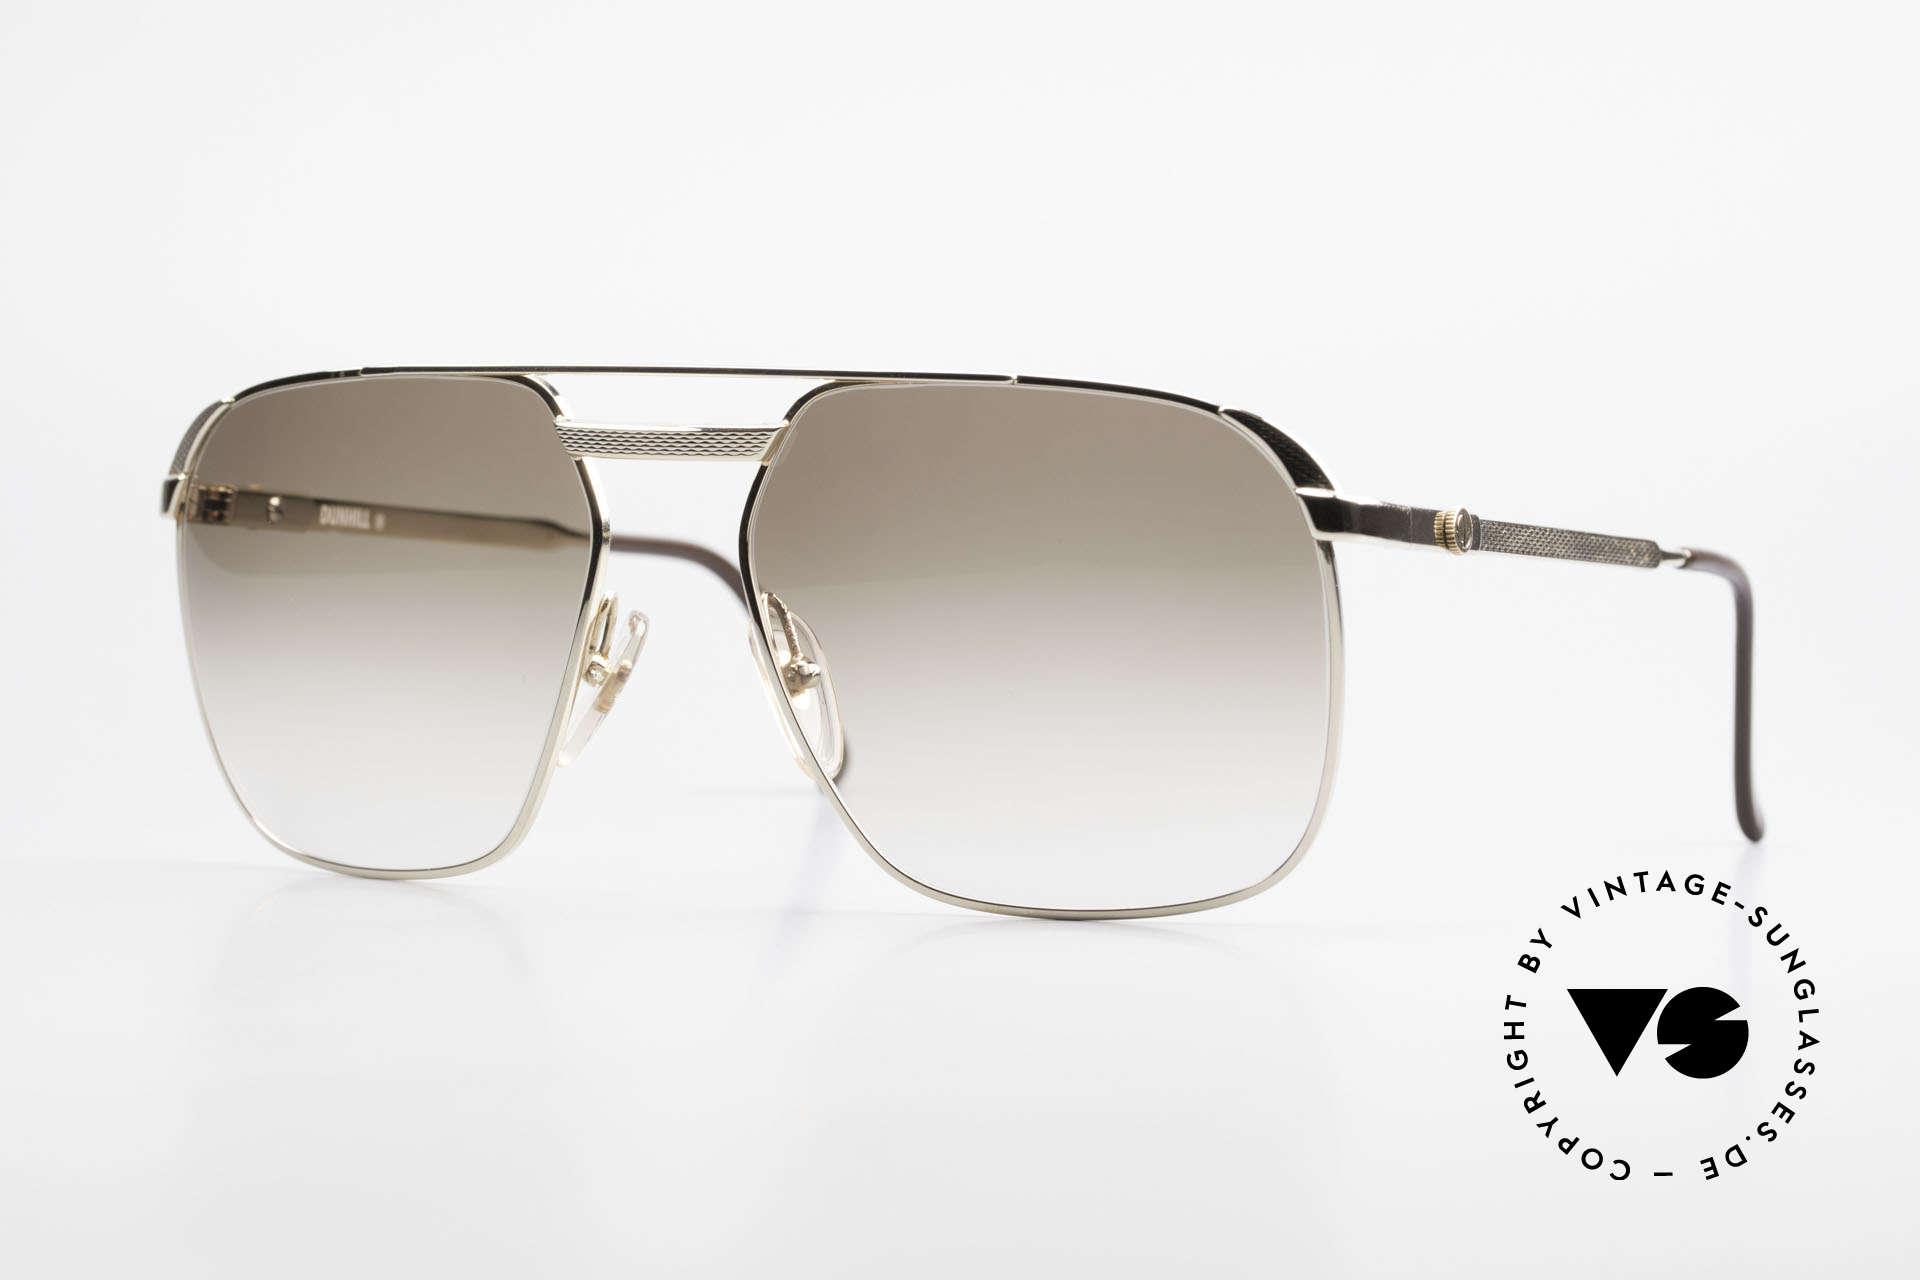 Dunhill 6011 Vergoldete 80er Herrenbrille, Meisterwerk in Sachen Stil, Funktionalität & Qualität, Passend für Herren